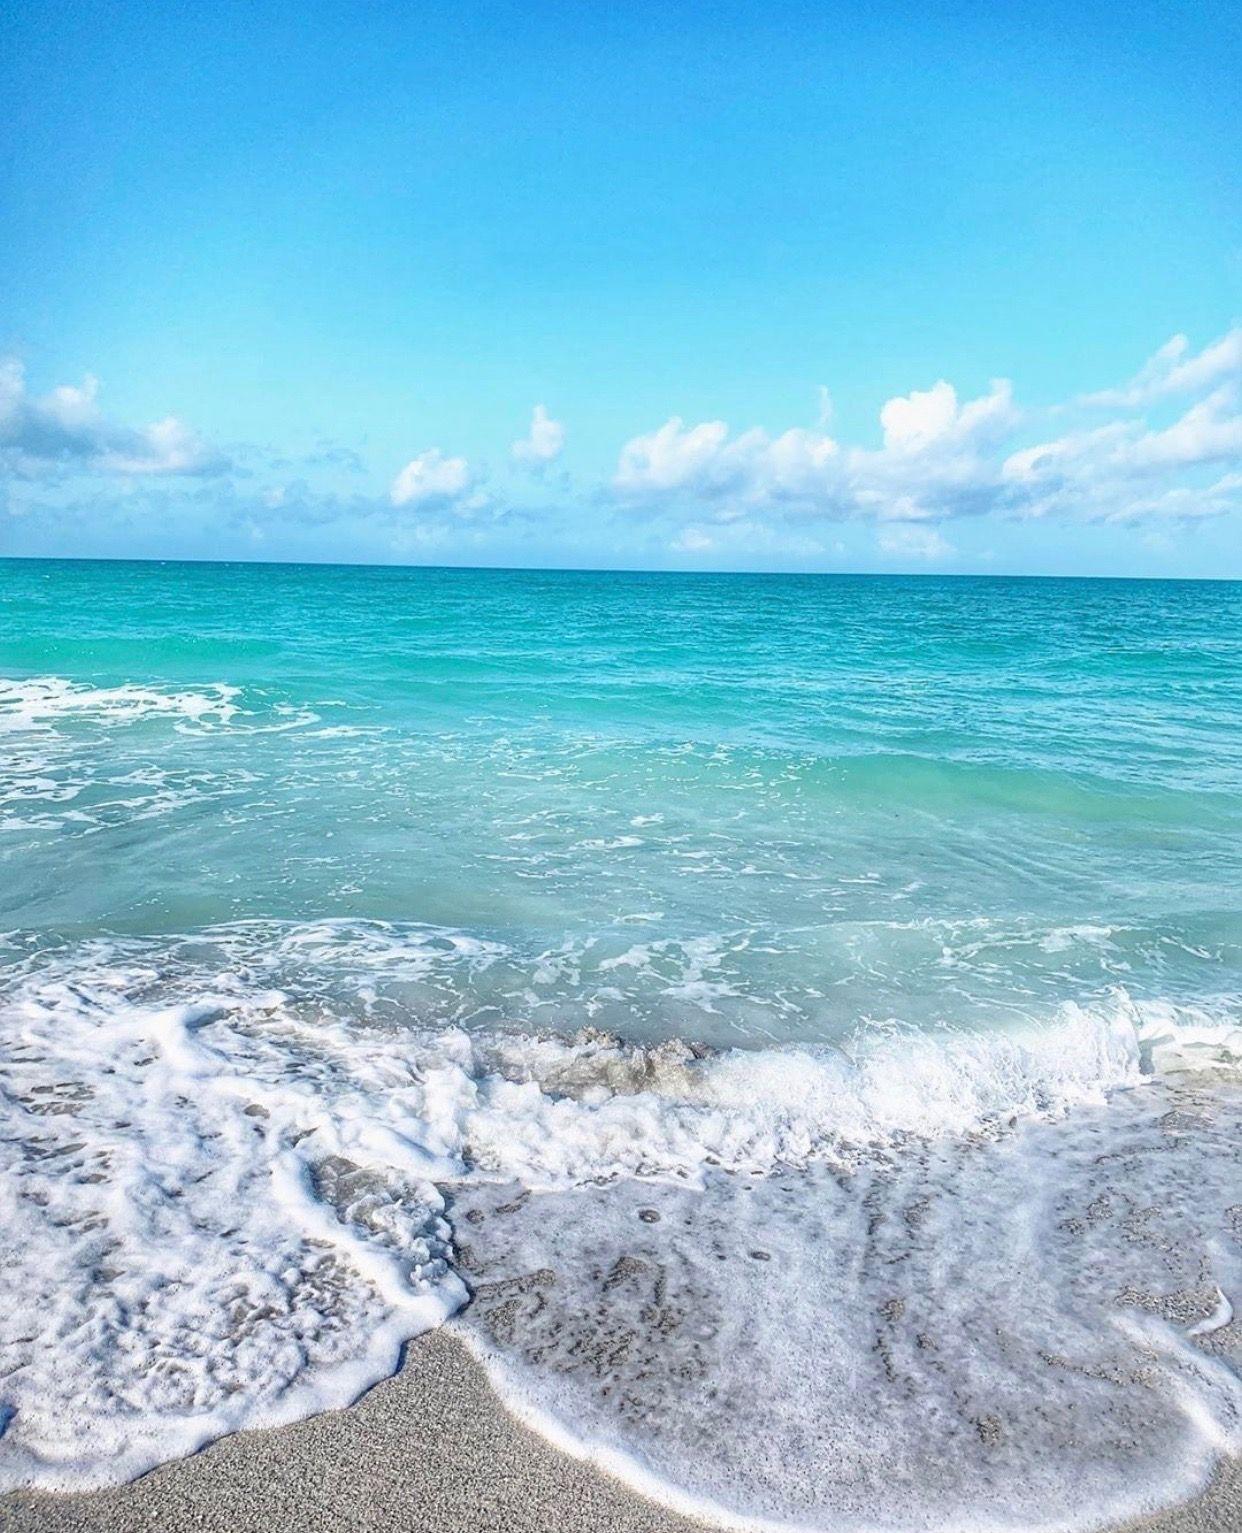 Anna Maria Island Beach: Beach Trip Packing, Anna Maria